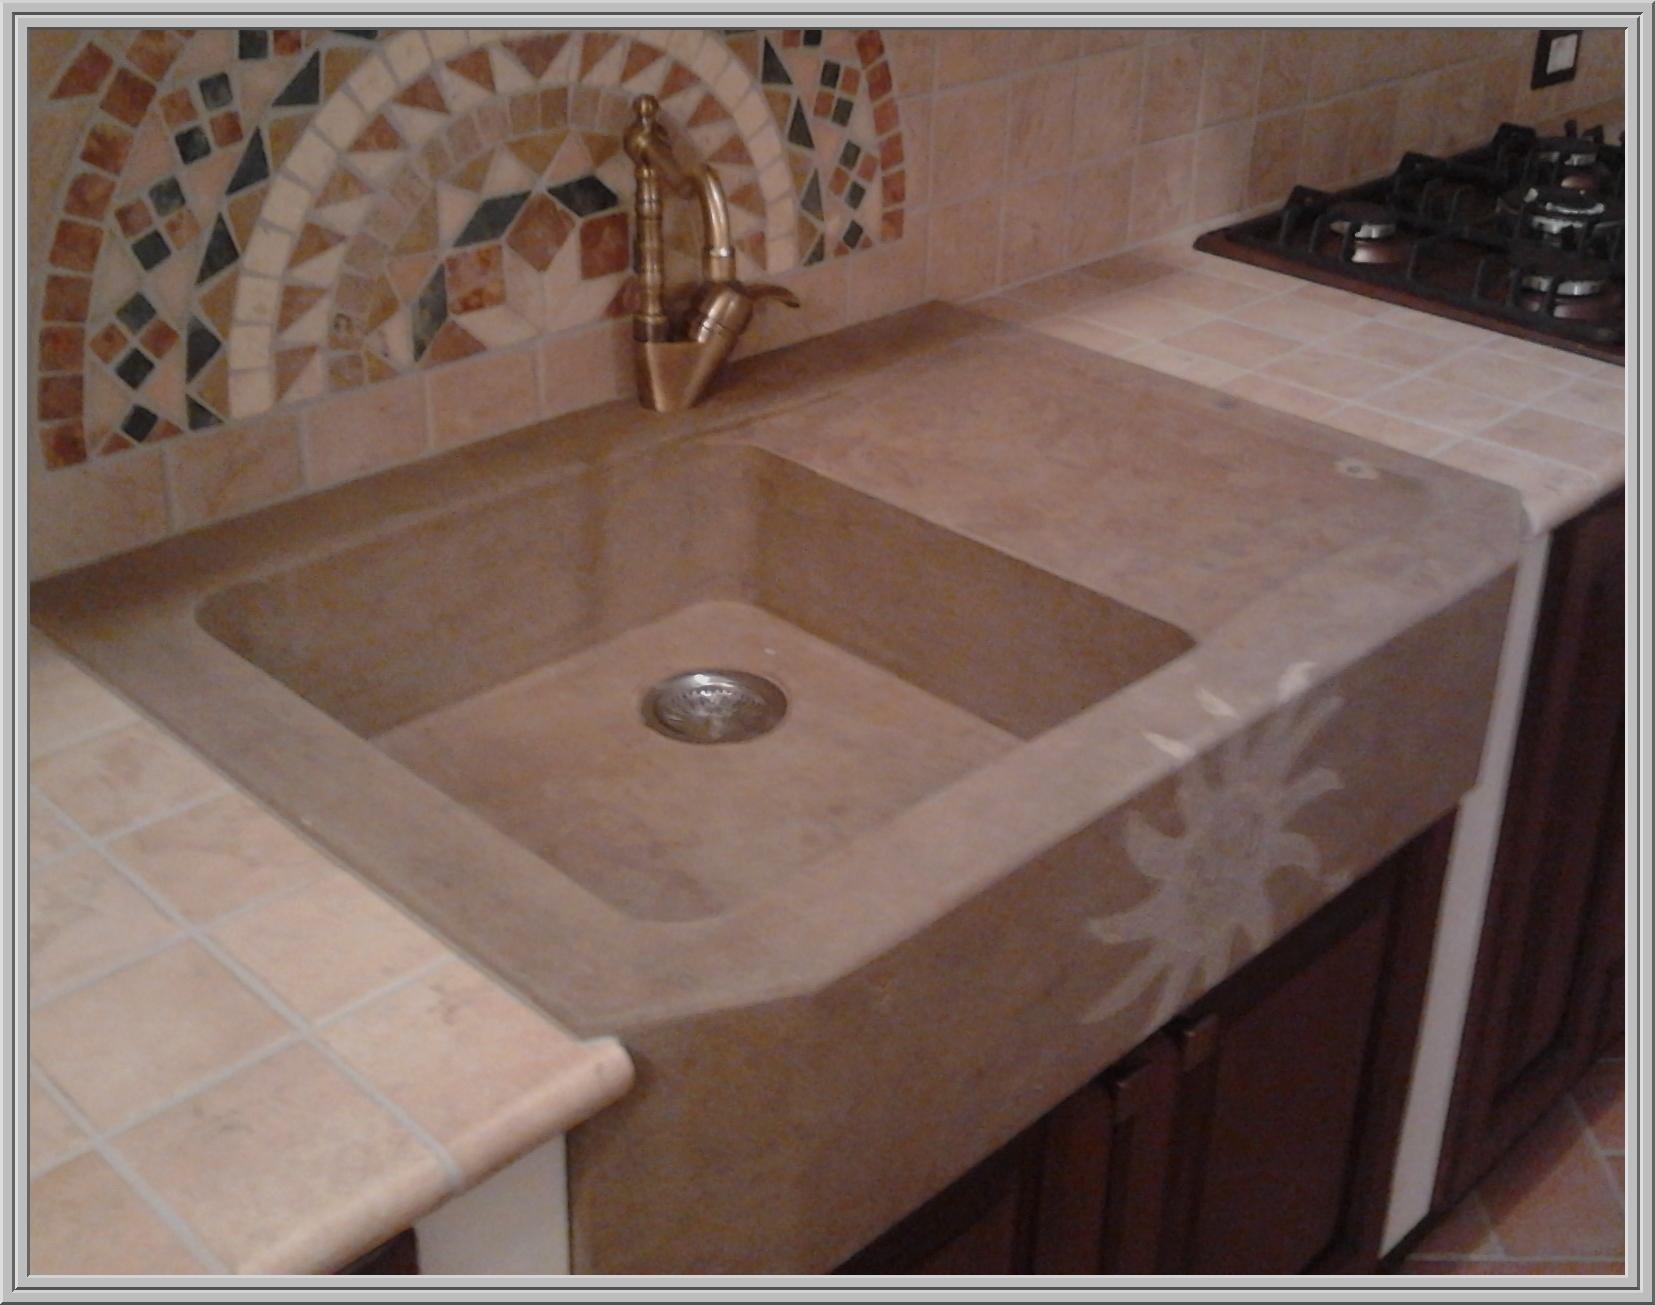 Marmo pietra acquaio scavato cucina esterno taverna art lav5a - Lavandini in marmo per cucina ...